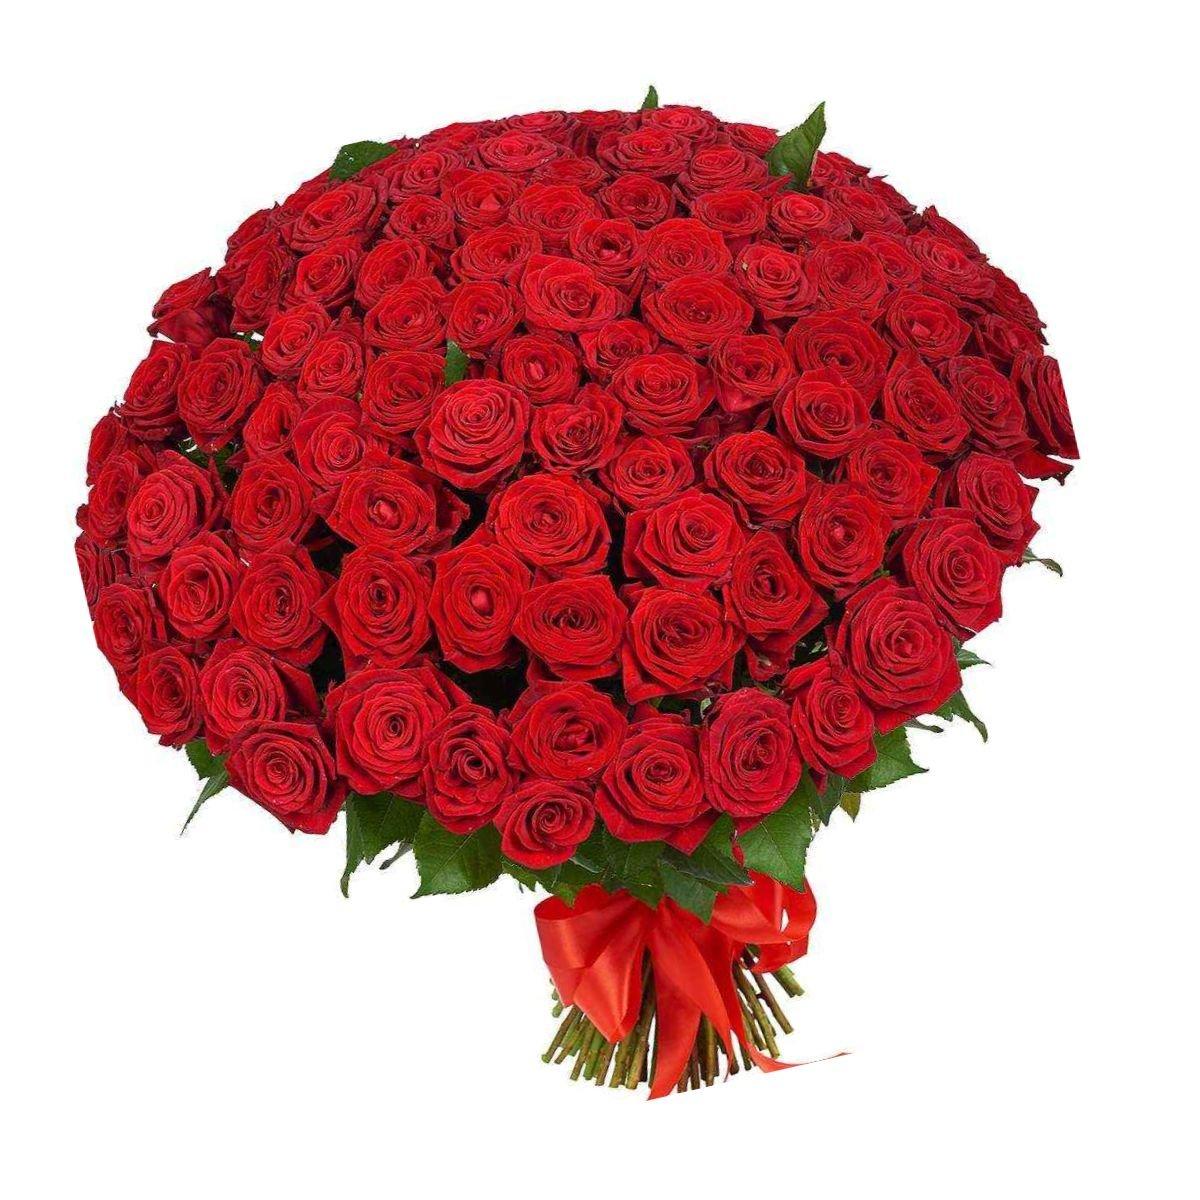 это ред наоми роза фото возможно изготовление